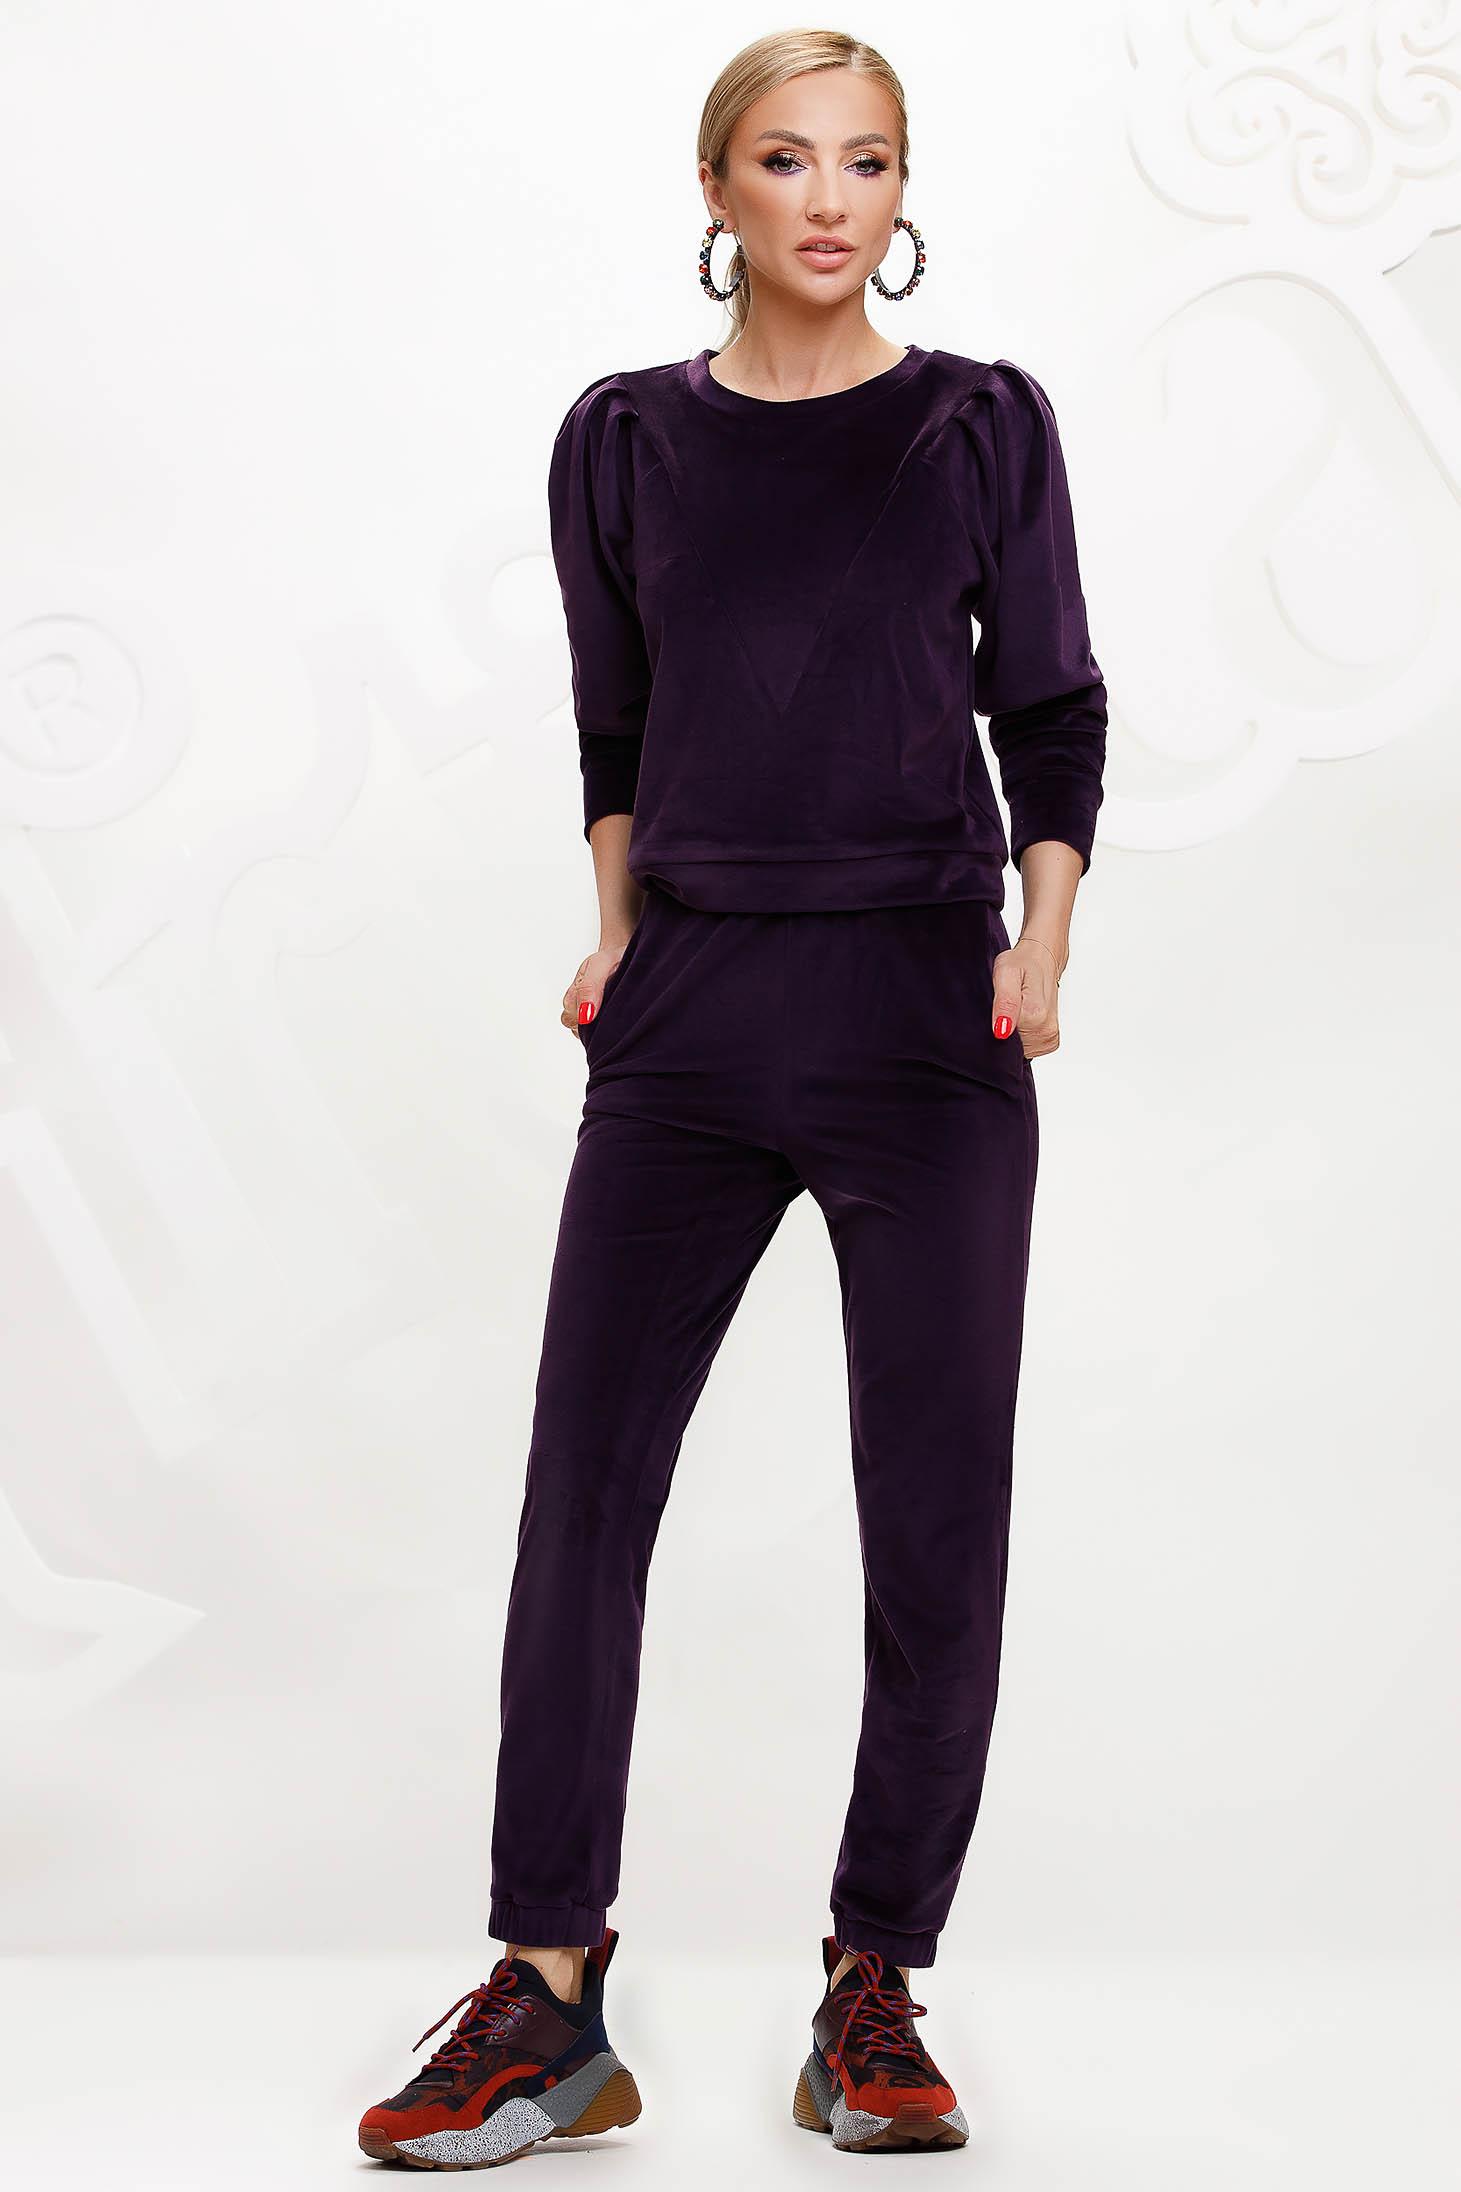 Purple sport 2 pieces velvet top wrinkled sleeves